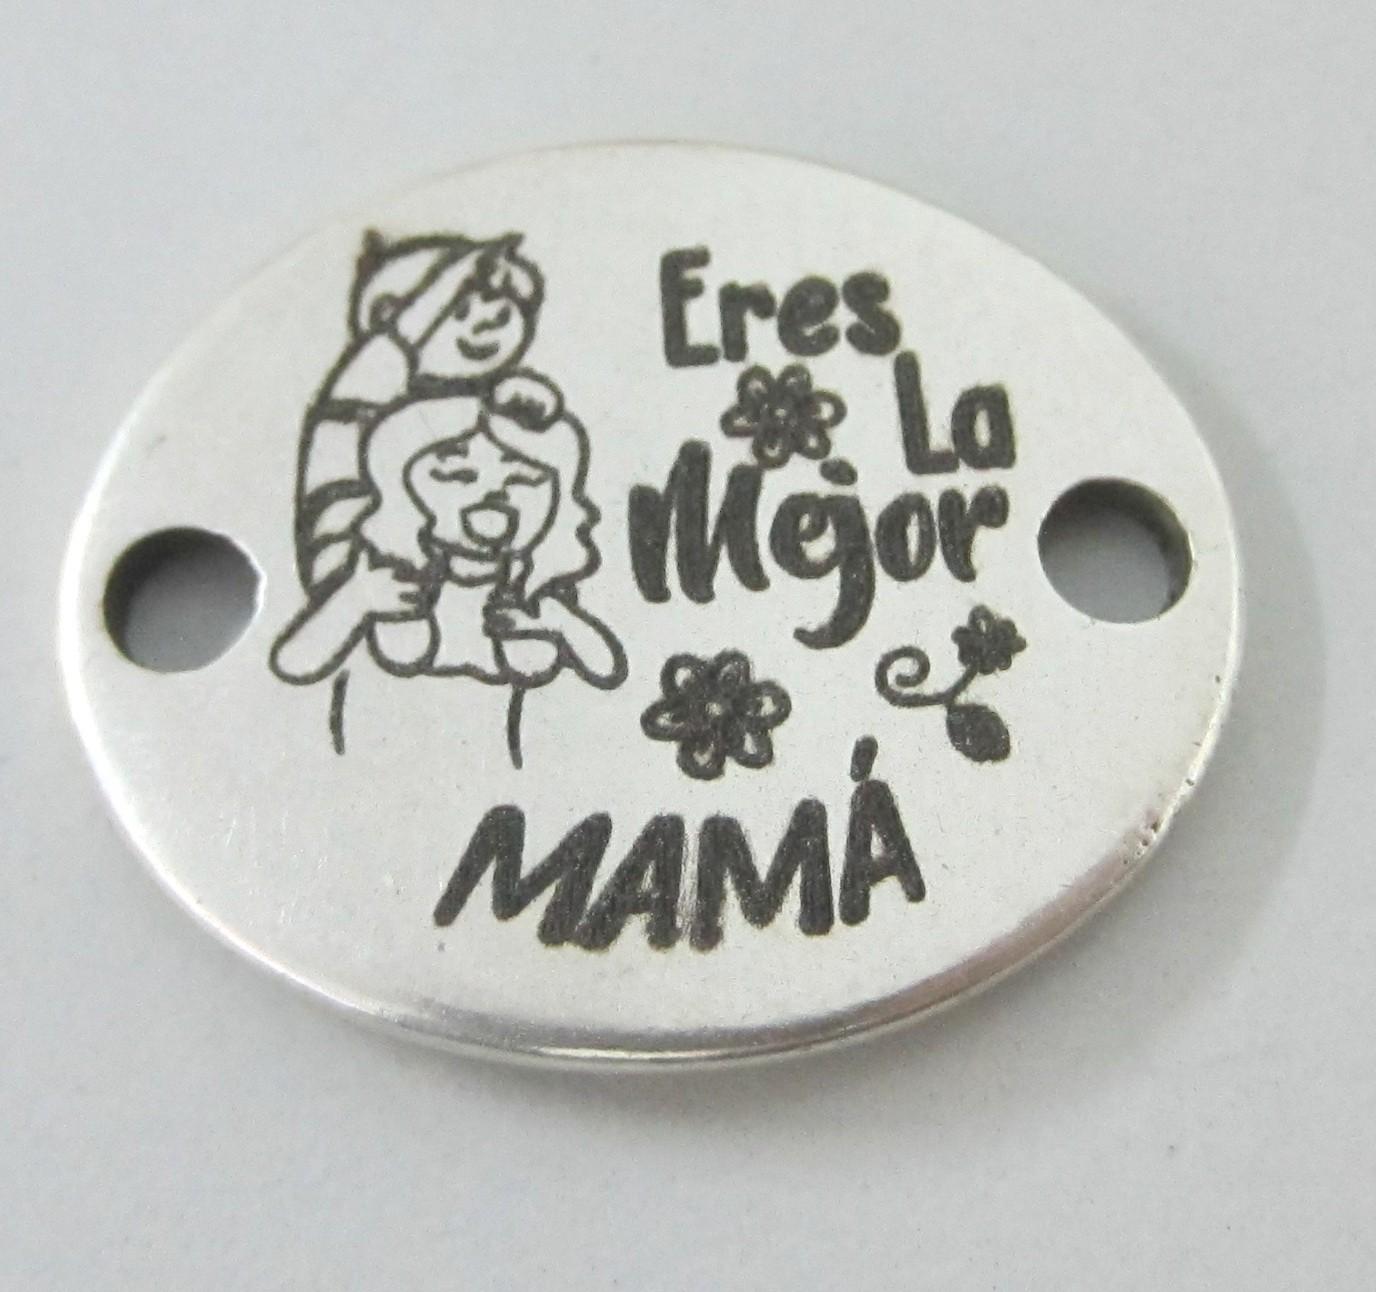 Conector zamak baño de plata 24x20mm. (NIÑO) Eres la mejor mamá